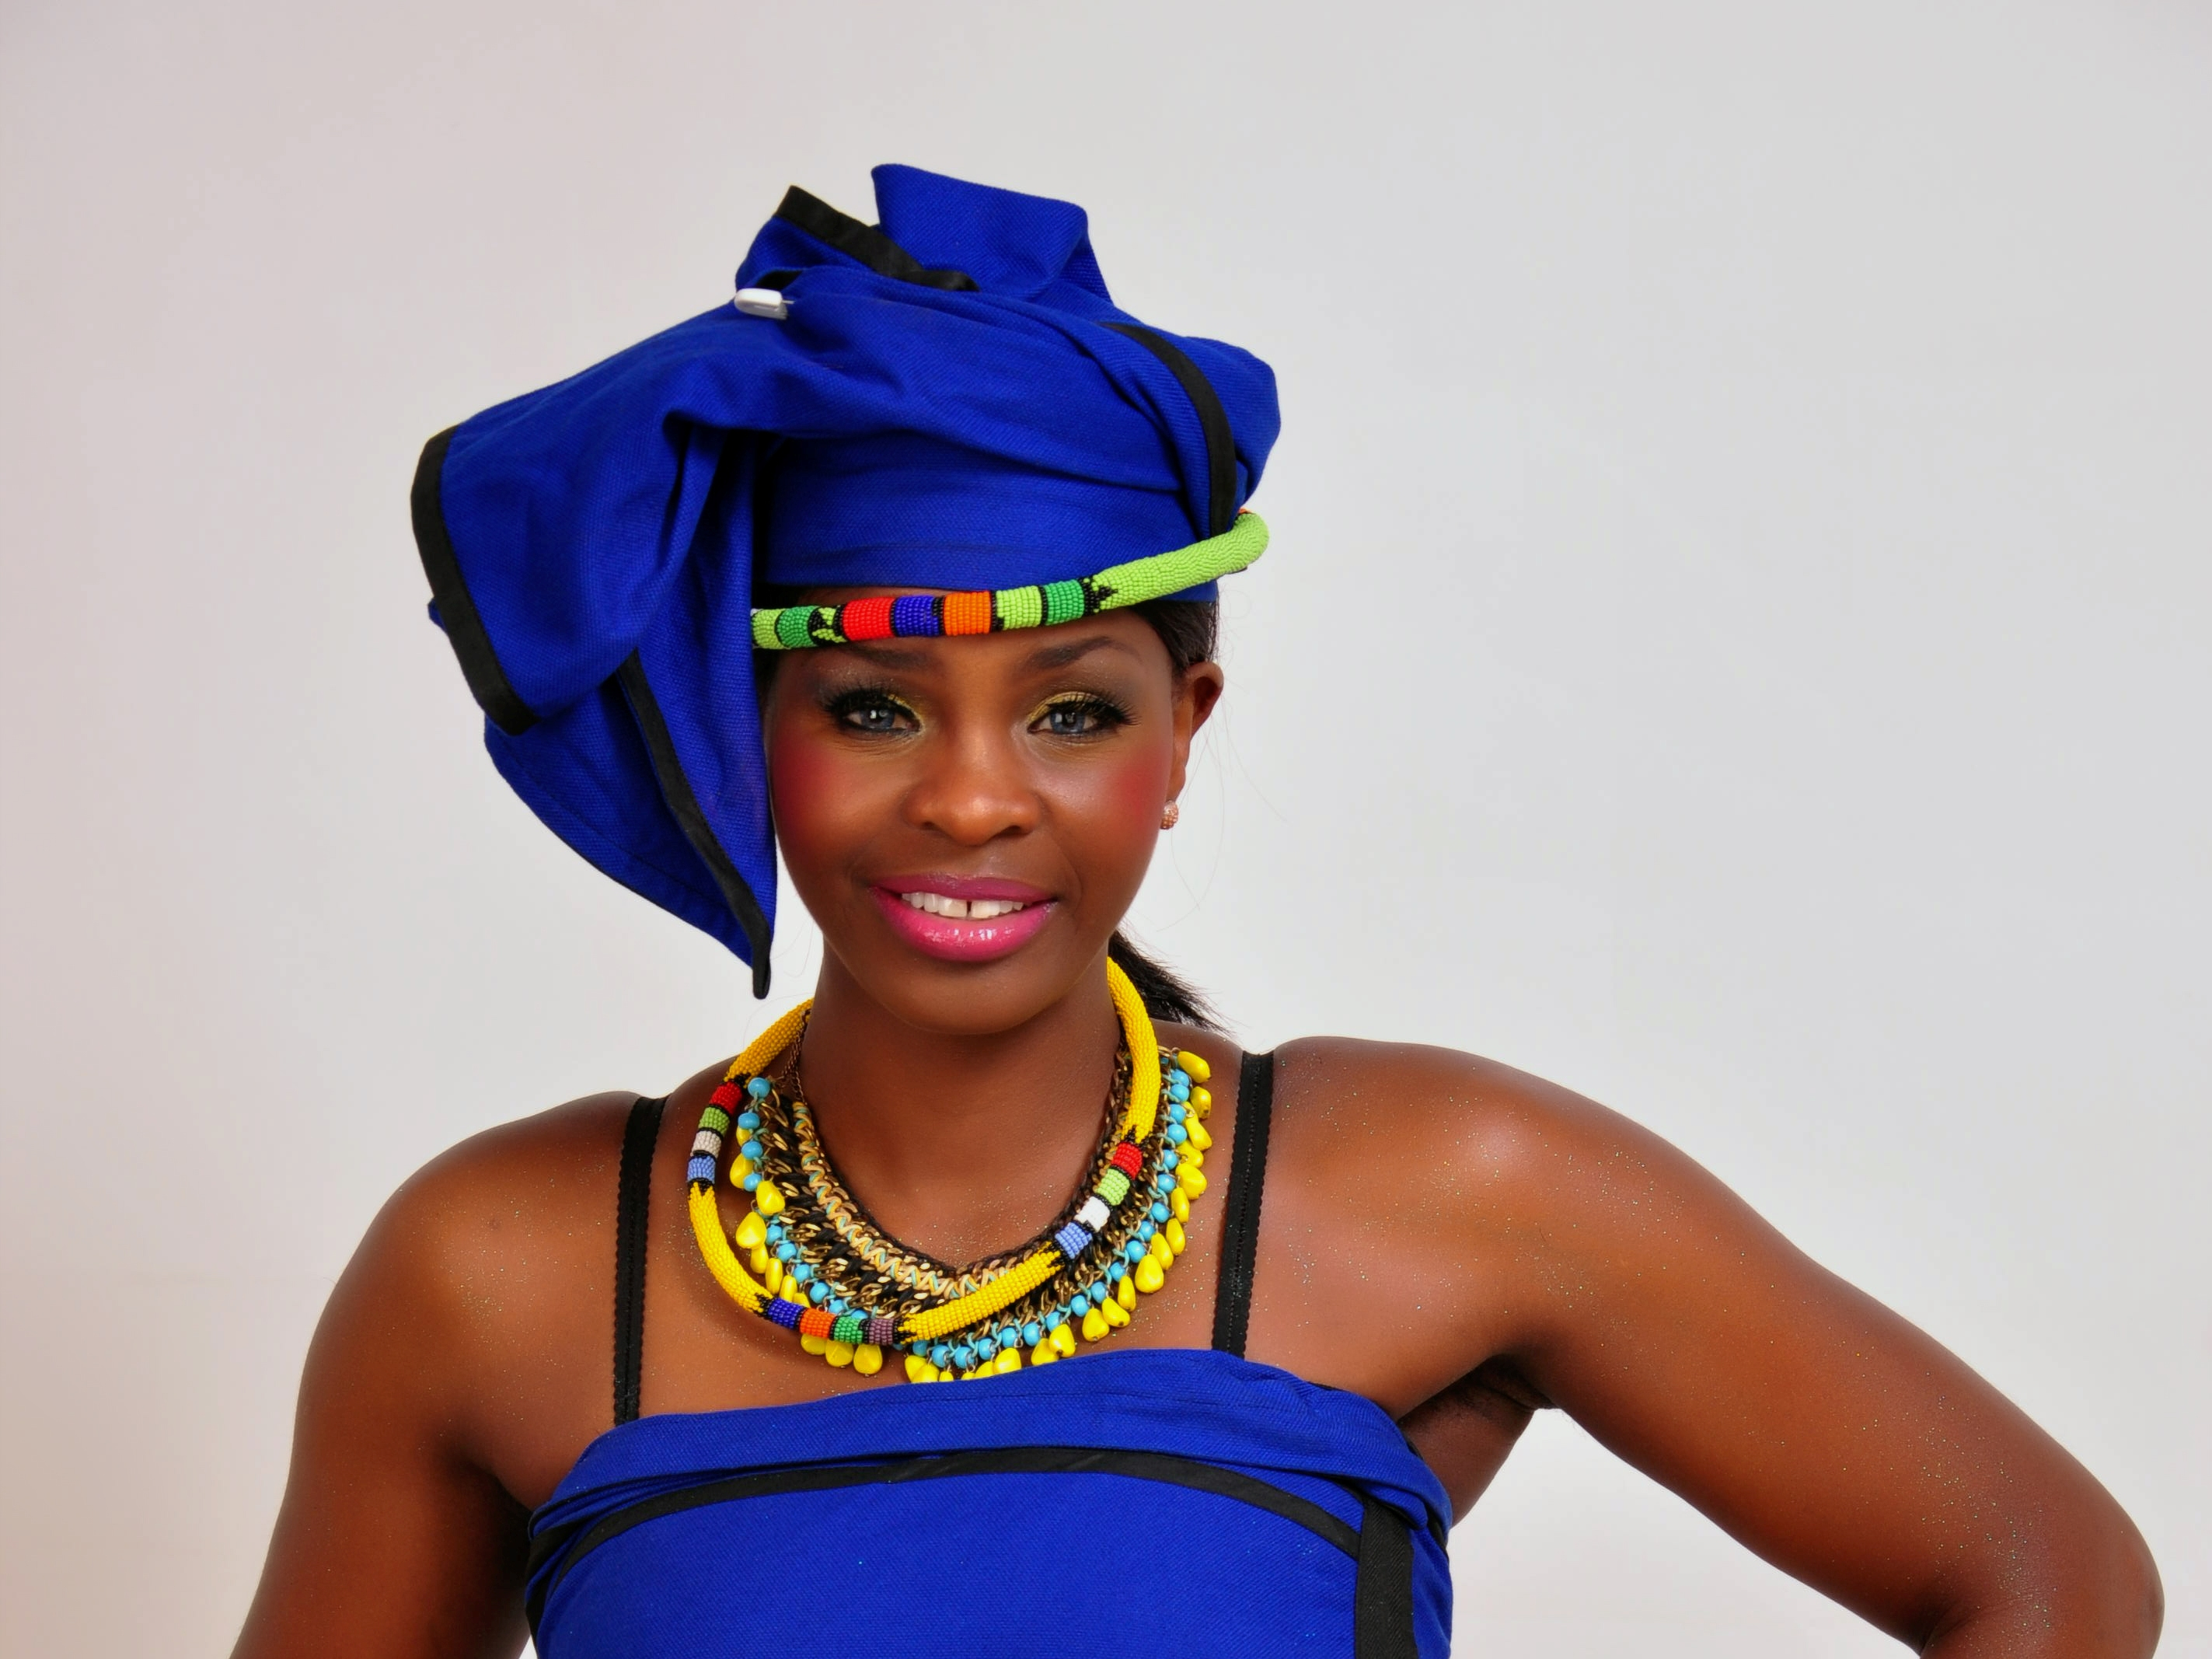 начисляются вам фото негритянок африка прошлом